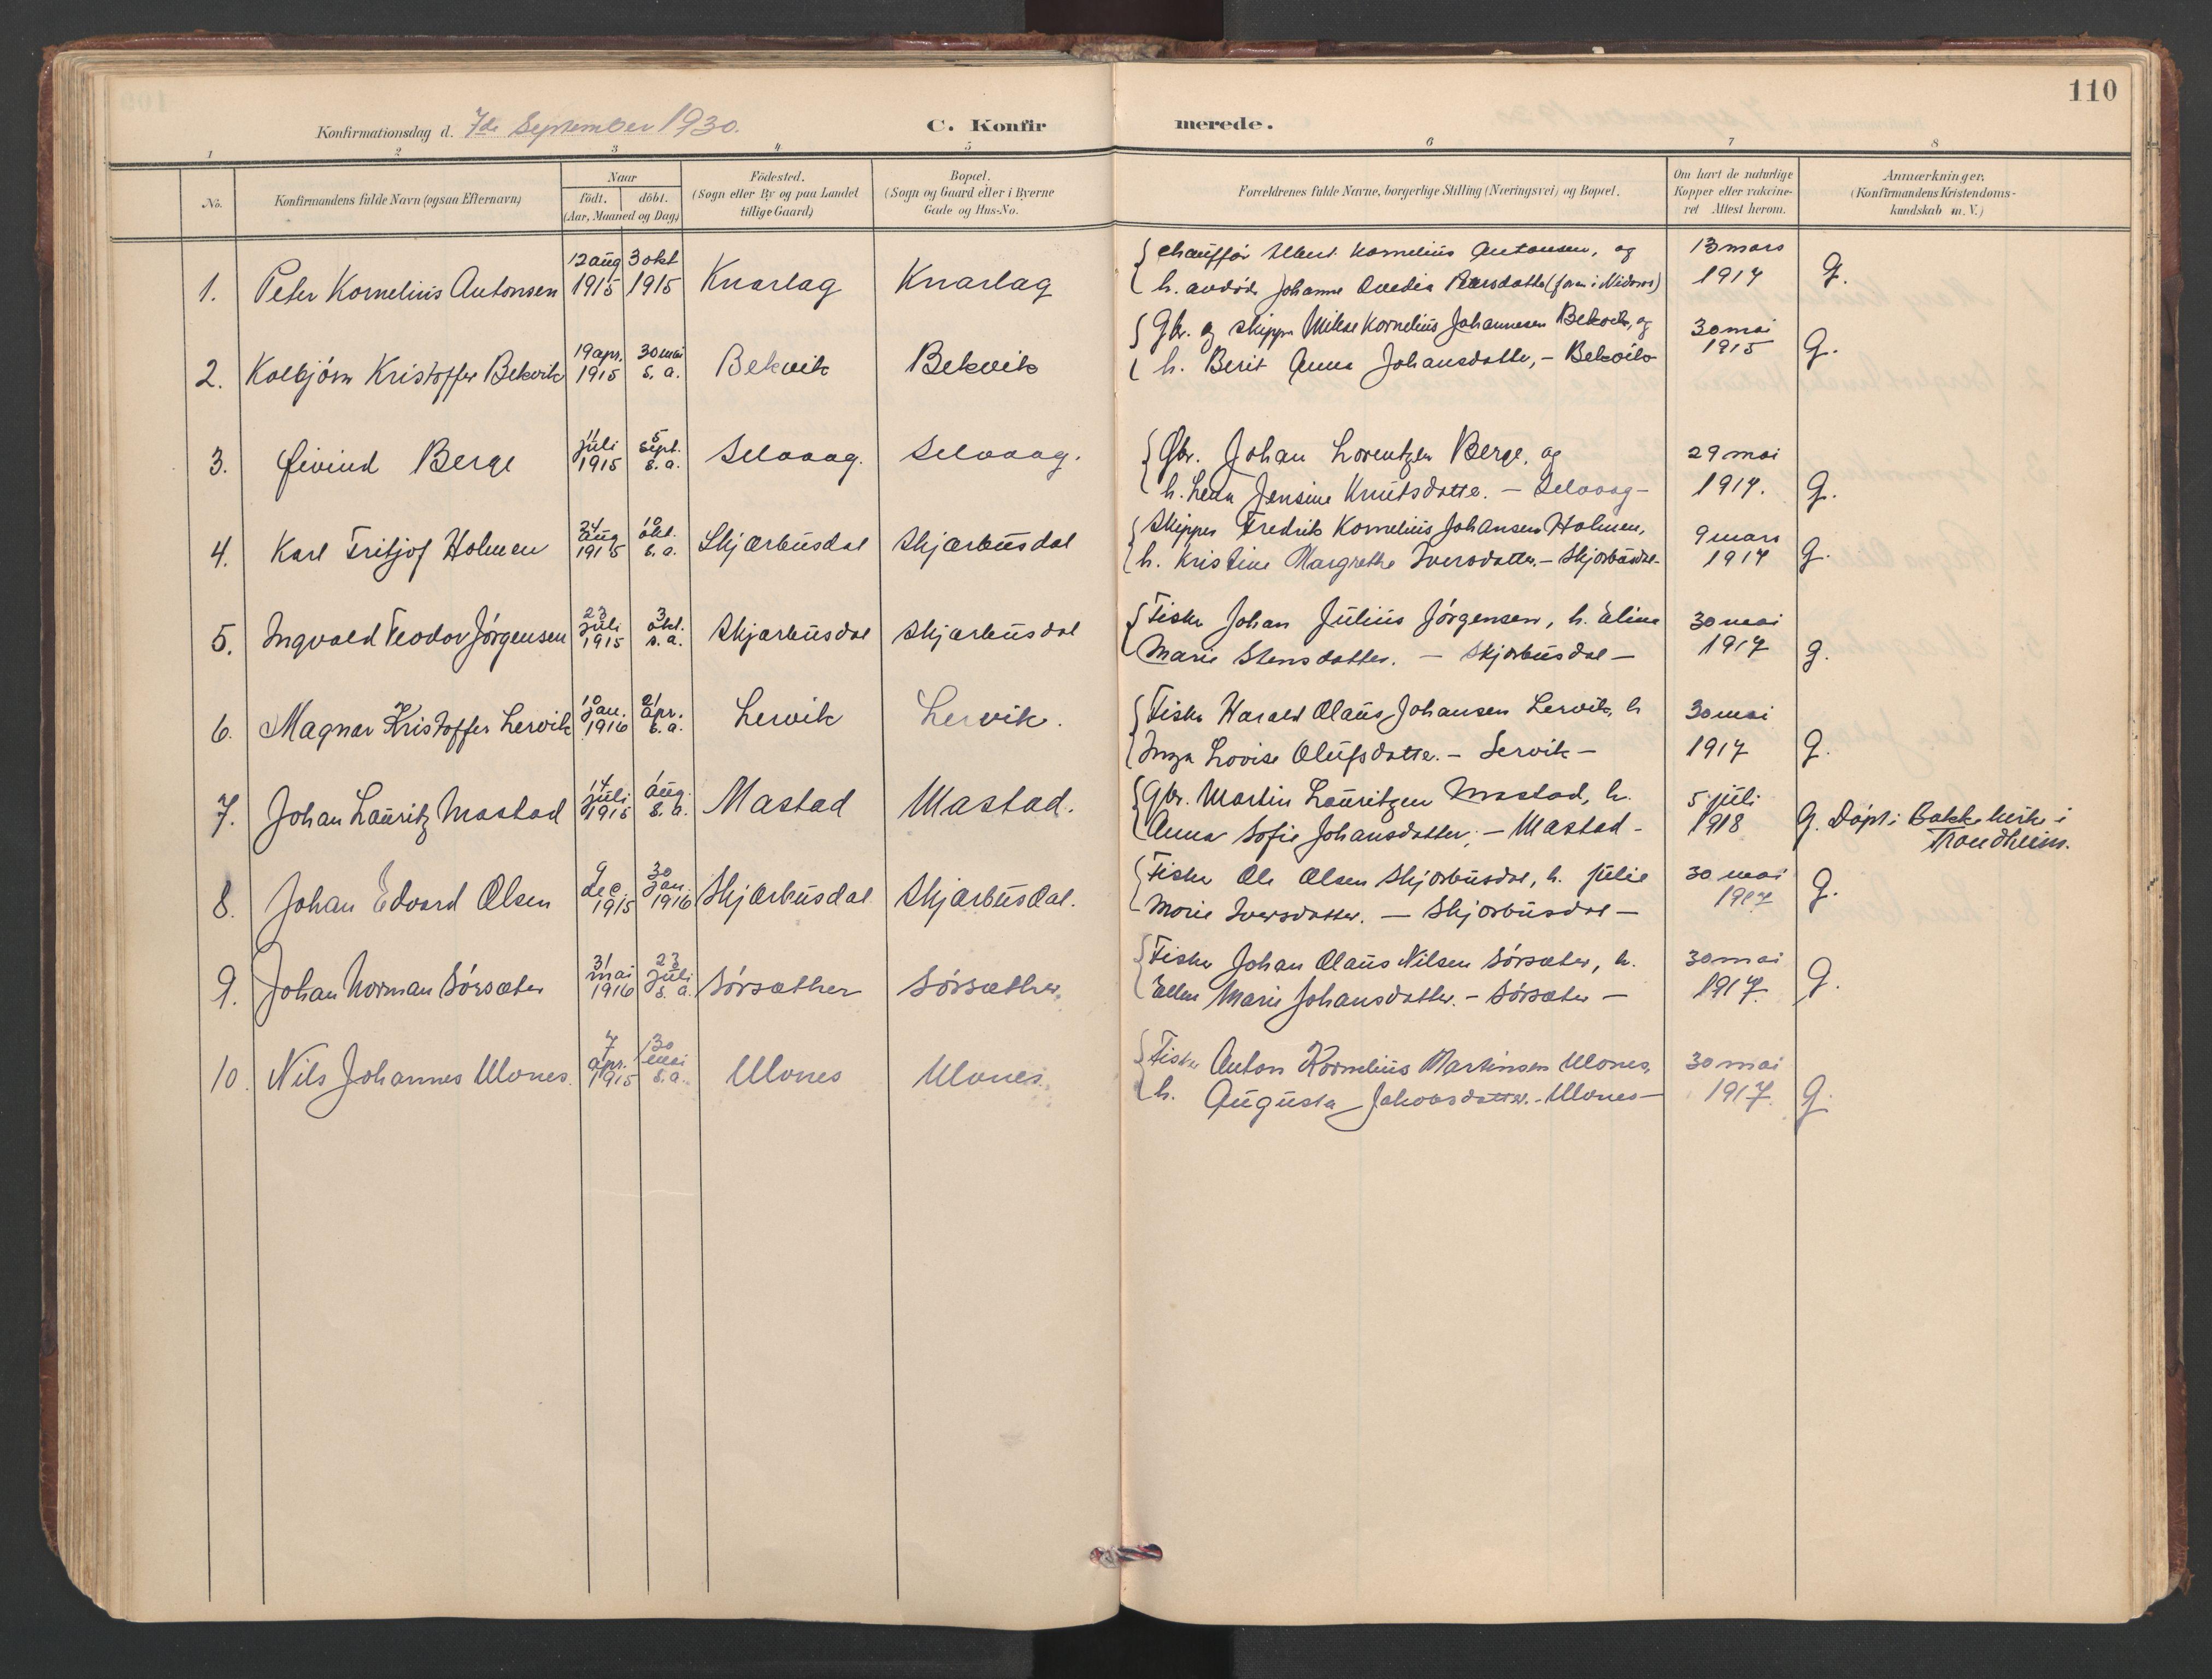 SAT, Ministerialprotokoller, klokkerbøker og fødselsregistre - Sør-Trøndelag, 638/L0571: Klokkerbok nr. 638C03, 1901-1930, s. 110